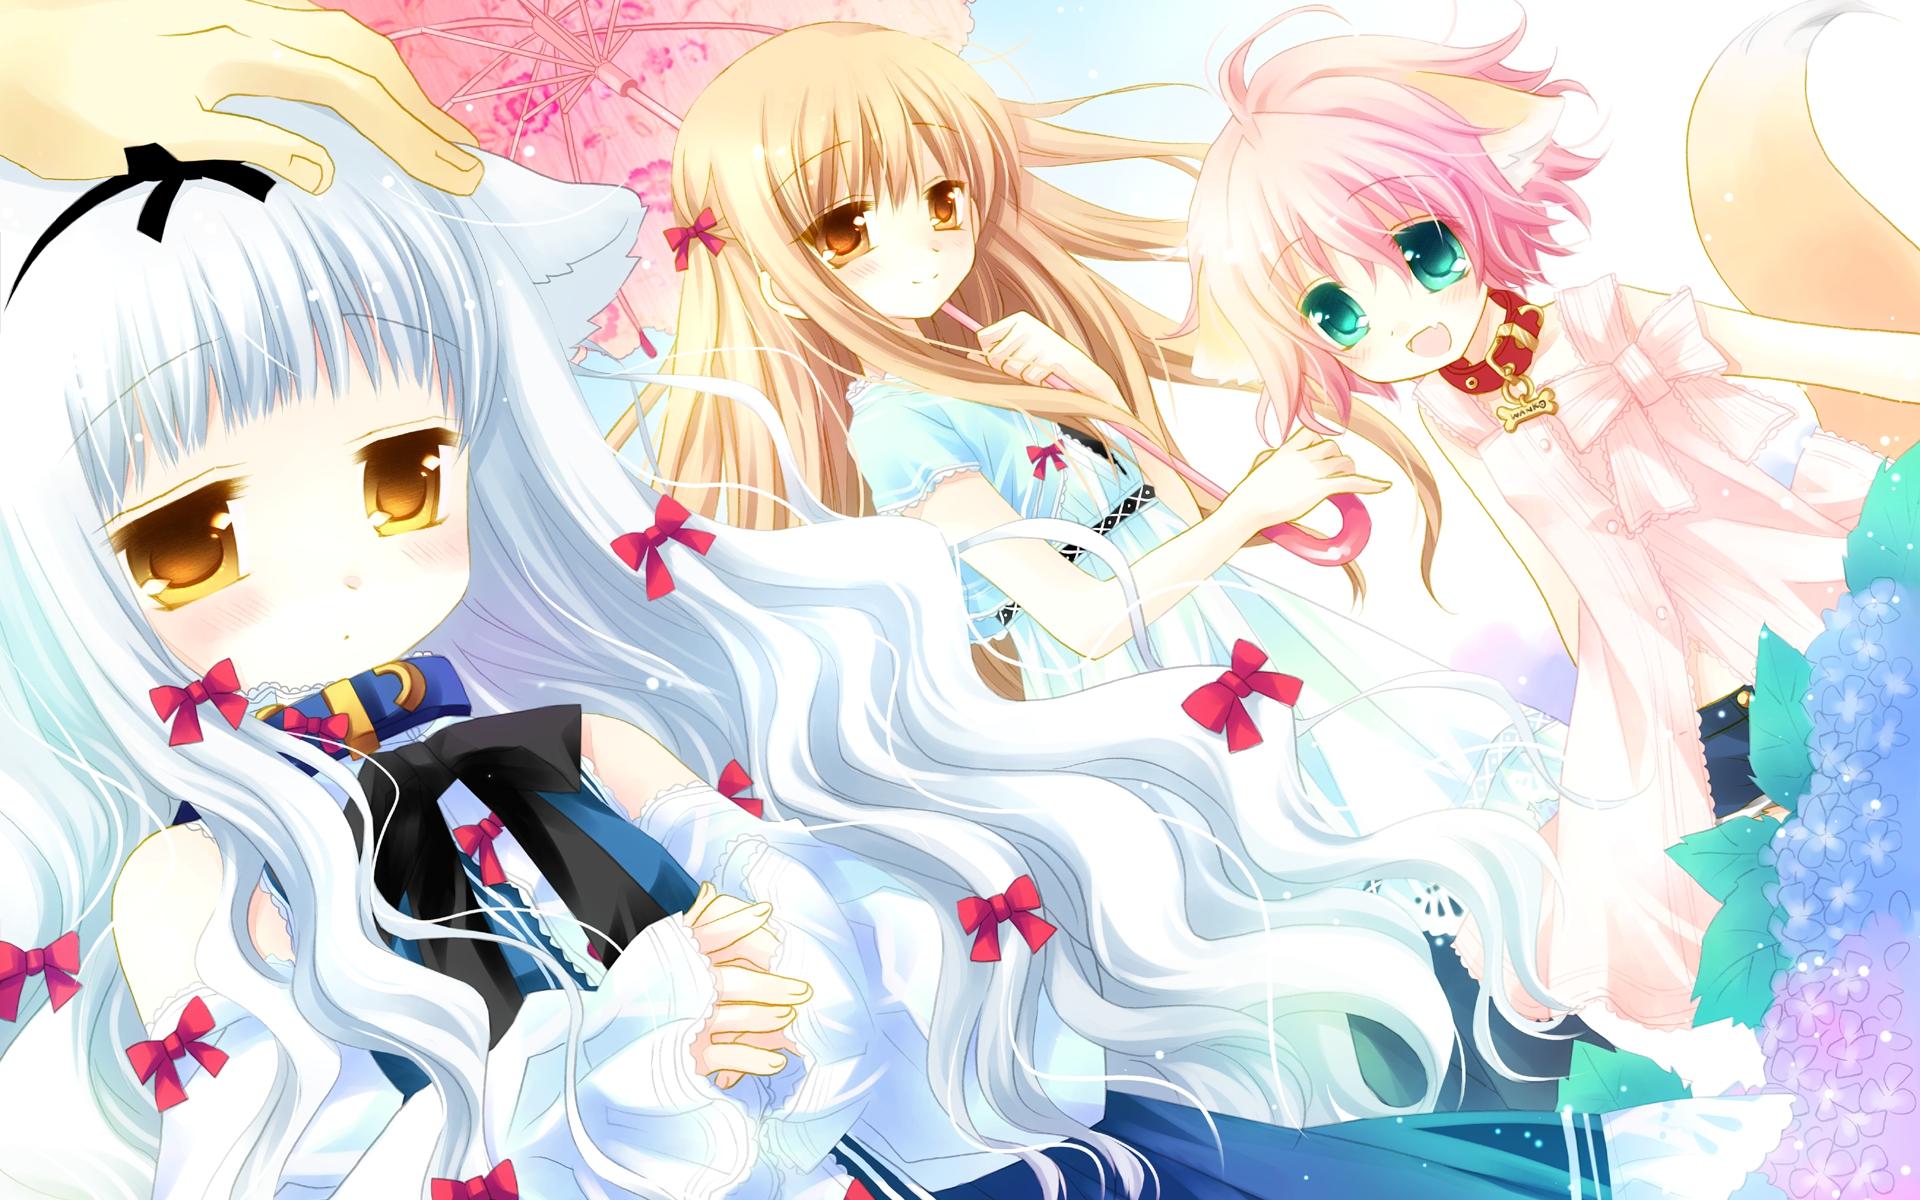 animal_ears blush fang foxgirl lily_(w&l) sakurazawa_izumi tail touko wanko wanko_to_lily